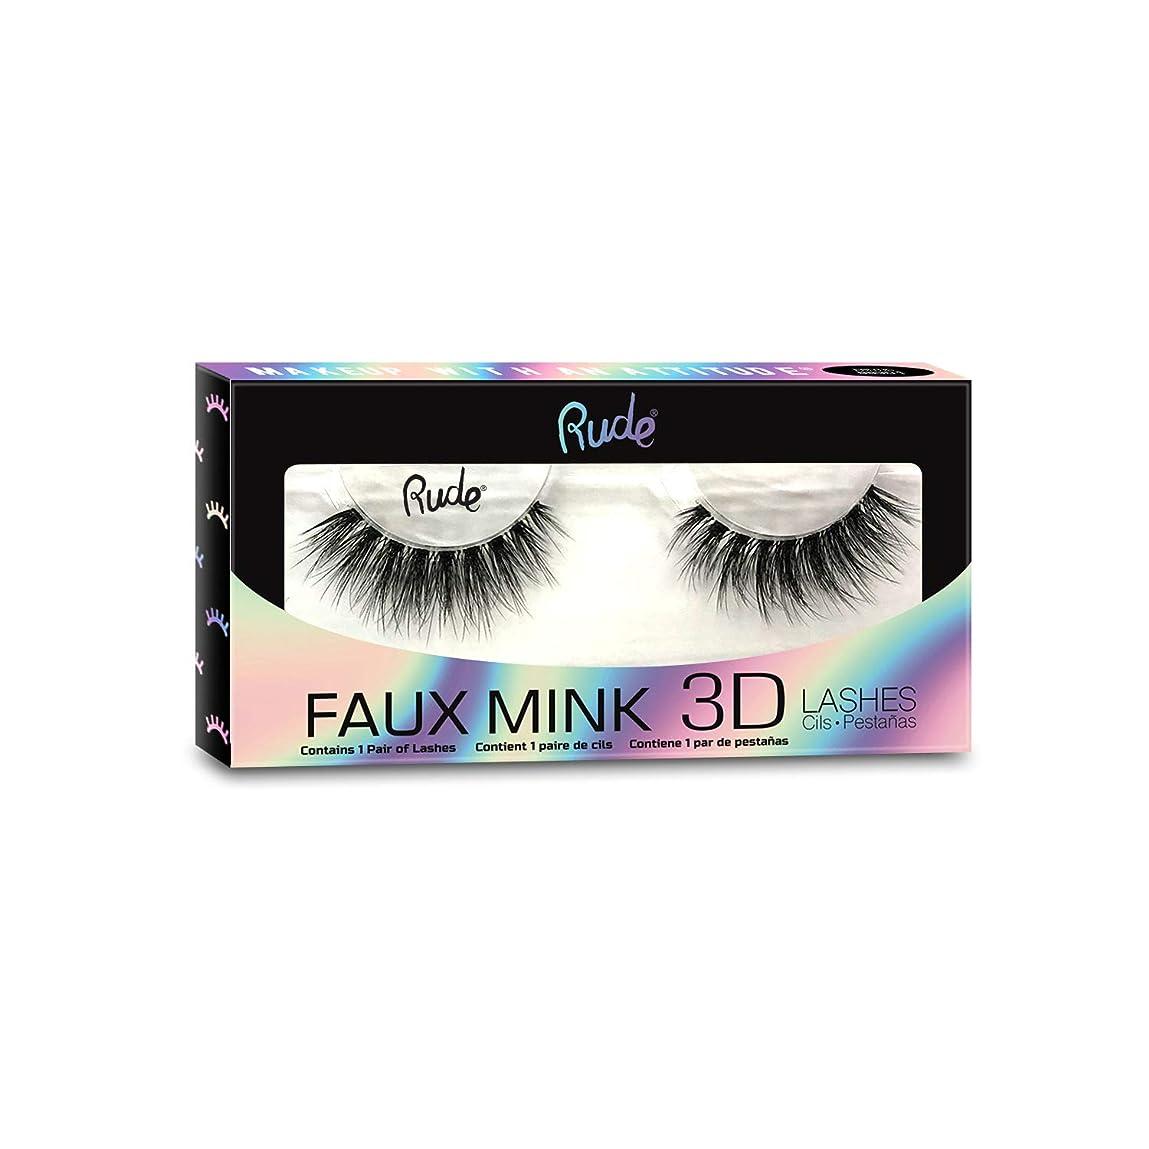 息子トランジスタ郡(3 Pack) RUDE? Faux Mink 3D Lashes - Metamorphic (並行輸入品)